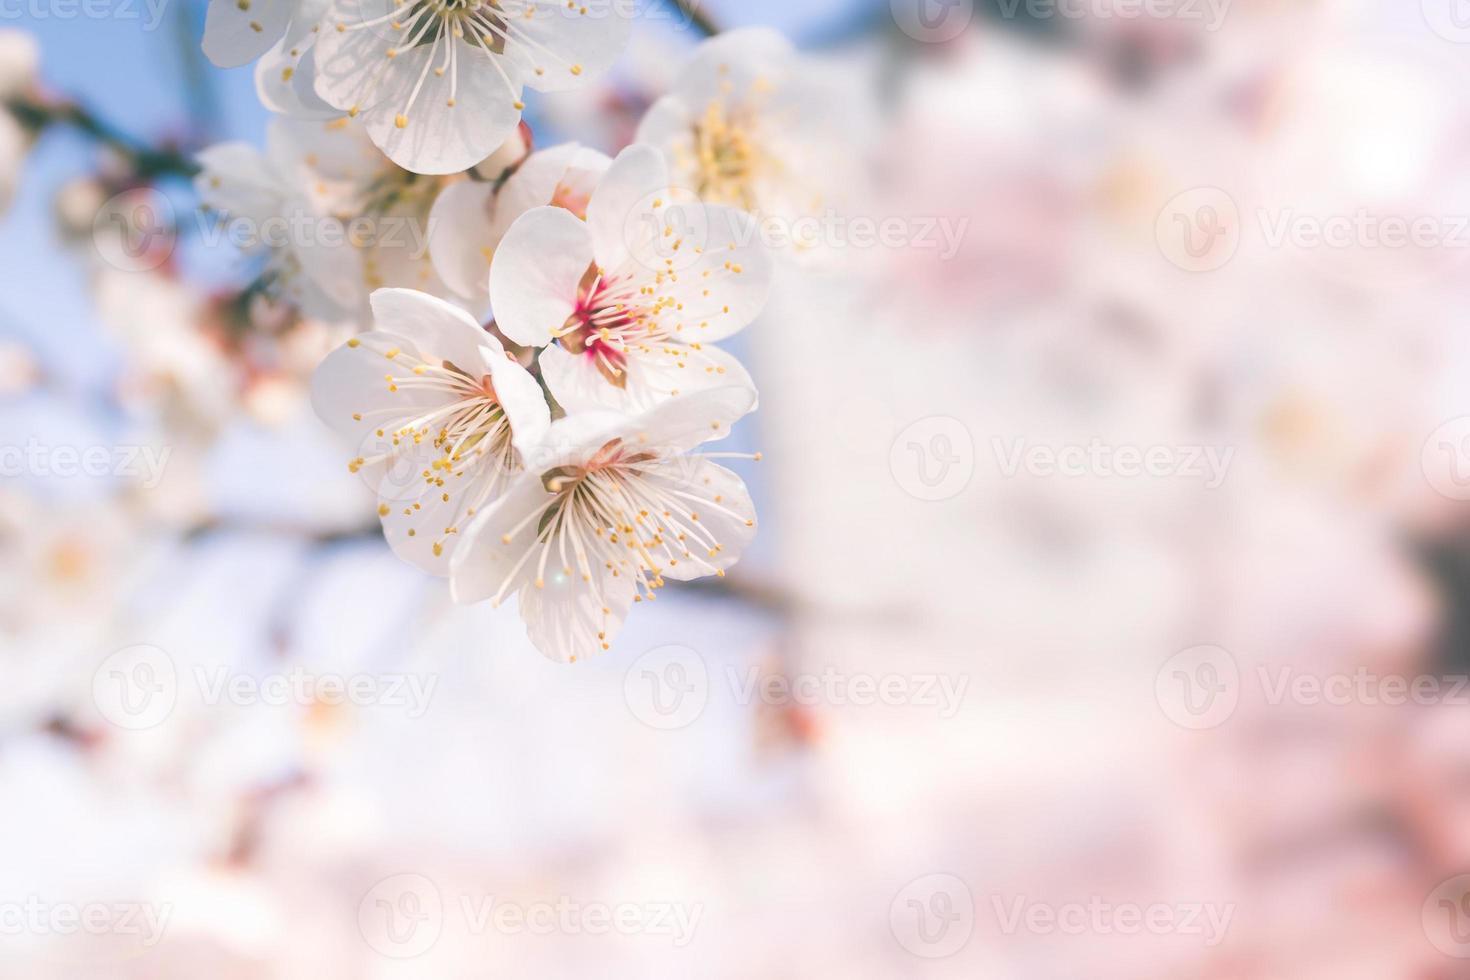 abstracte kersenbloesem van liefde, soft focus, achtergrond foto